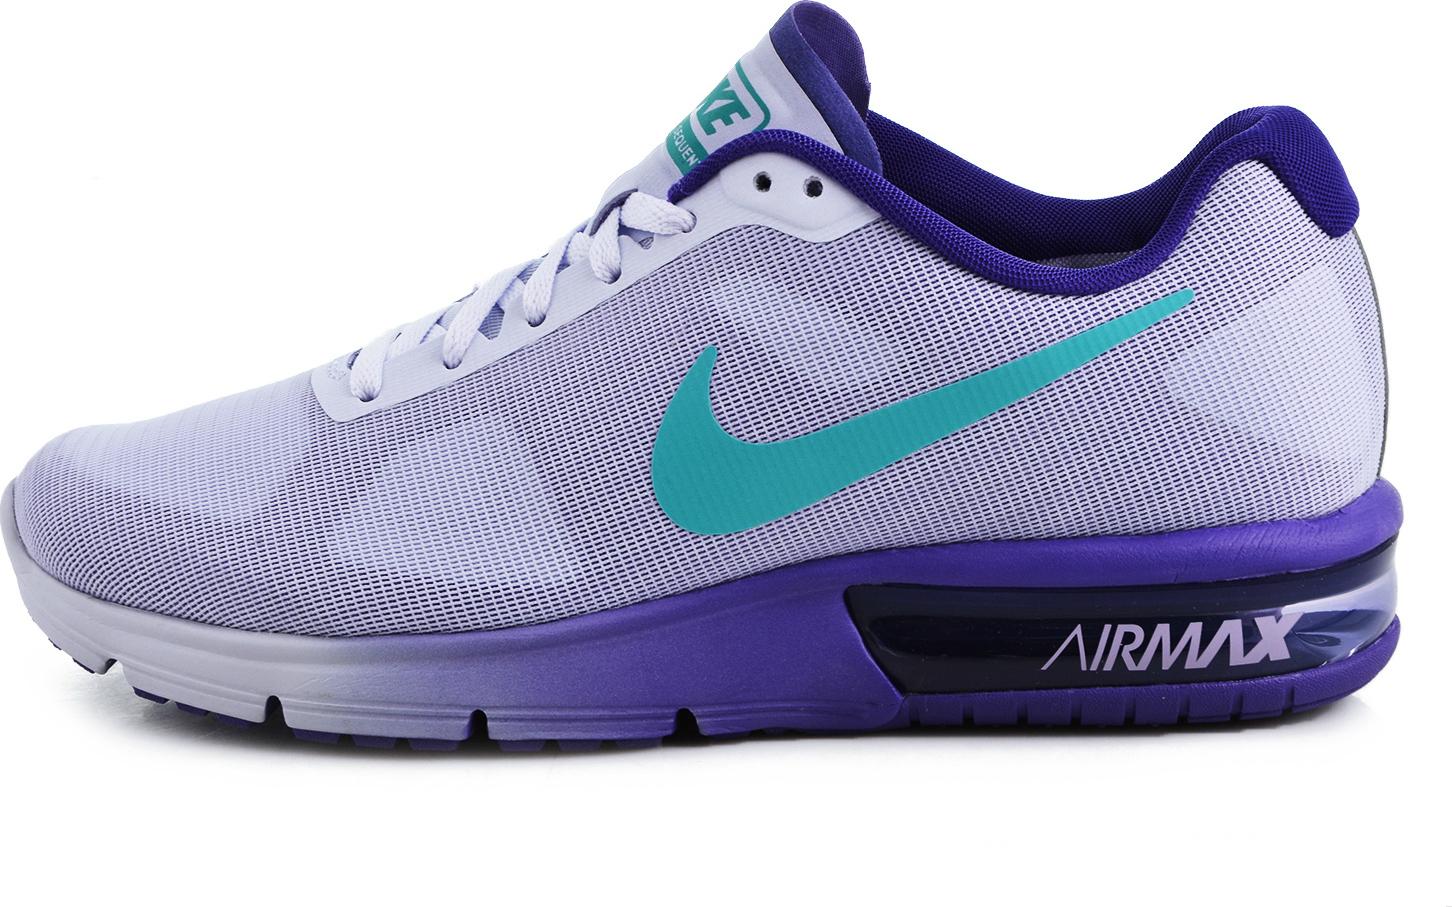 Προσθήκη στα αγαπημένα menu Nike Air Max Sequent 719916-504 0fb820dc33